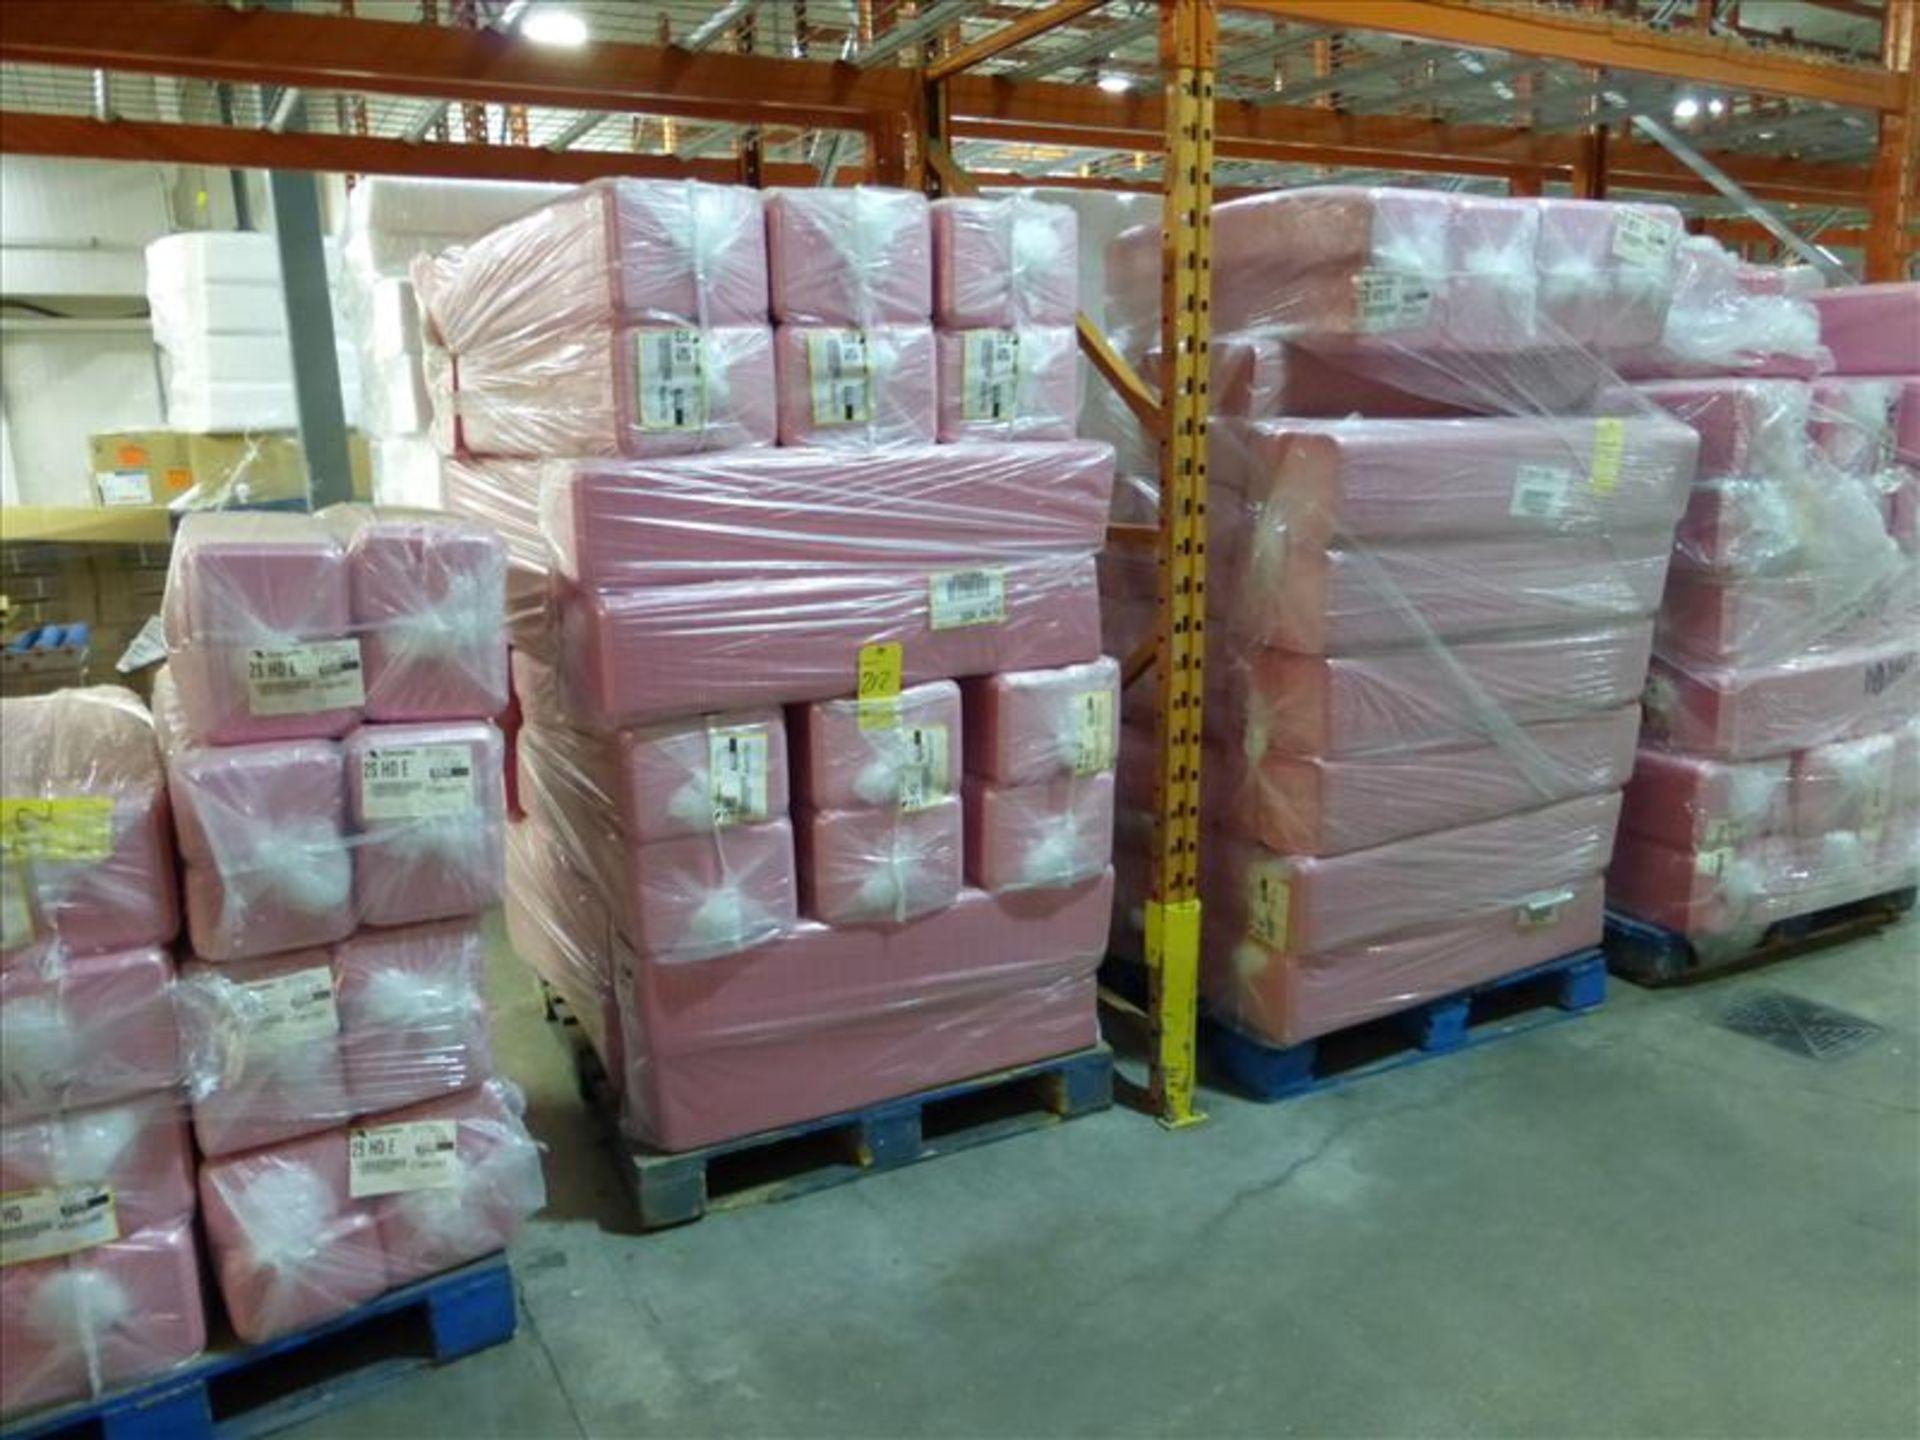 Lot 212 - (40 bundles, 20000) 2S HD overwrap foam trays, Cascade, pink